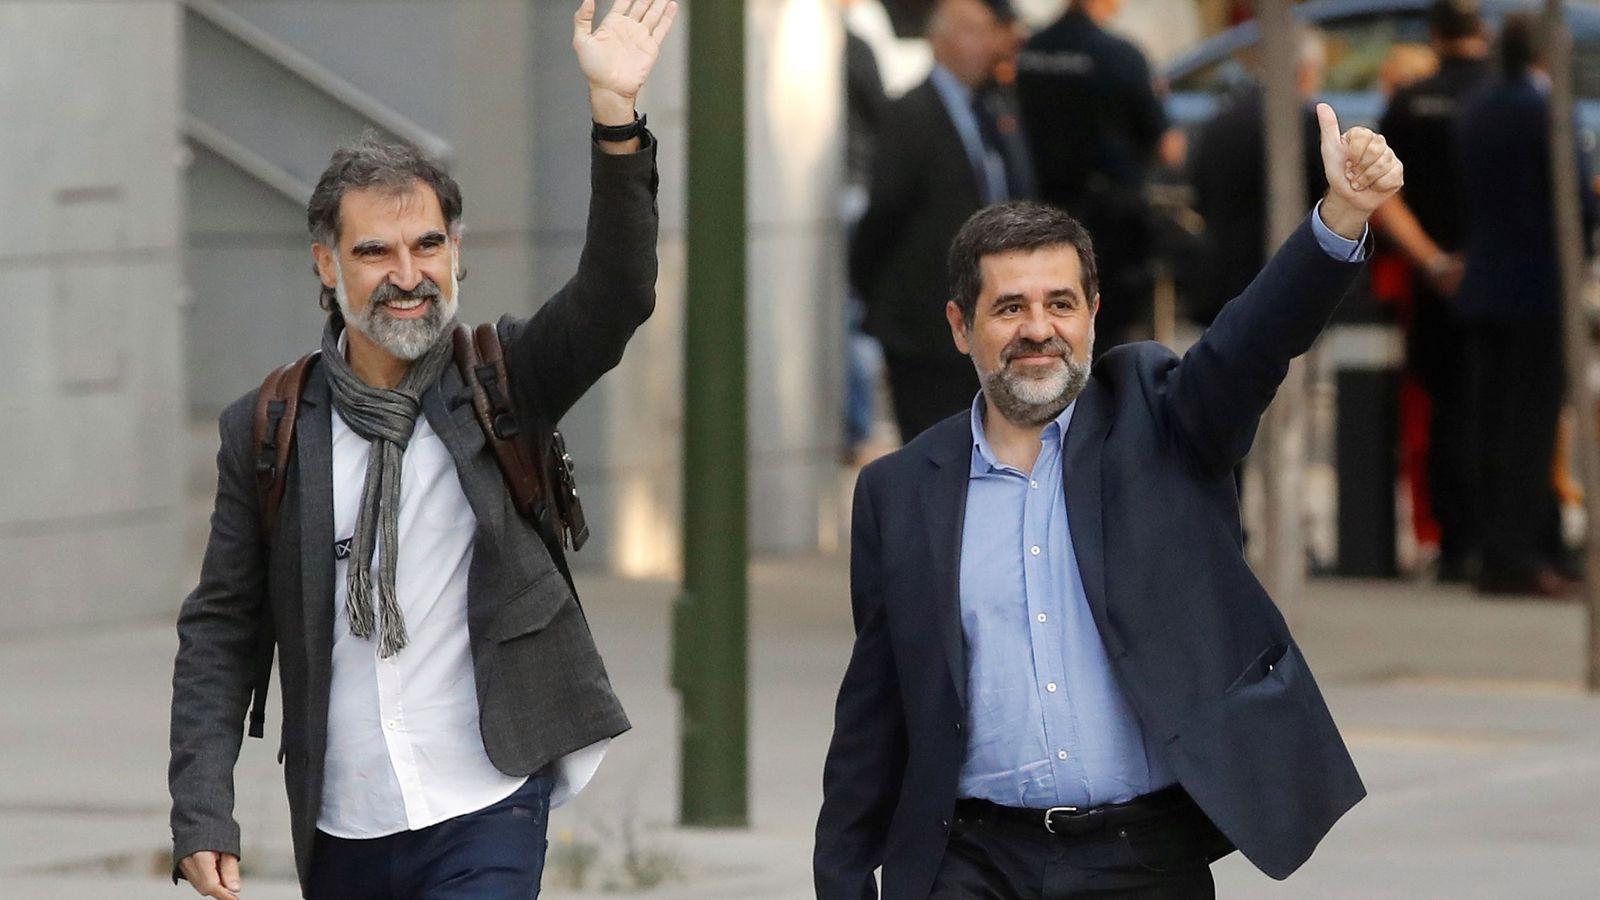 Foto: Jordi Sànchez y Jordi Cuixart a su llegada hace un año a la Audiencia Nacional. (EFE)